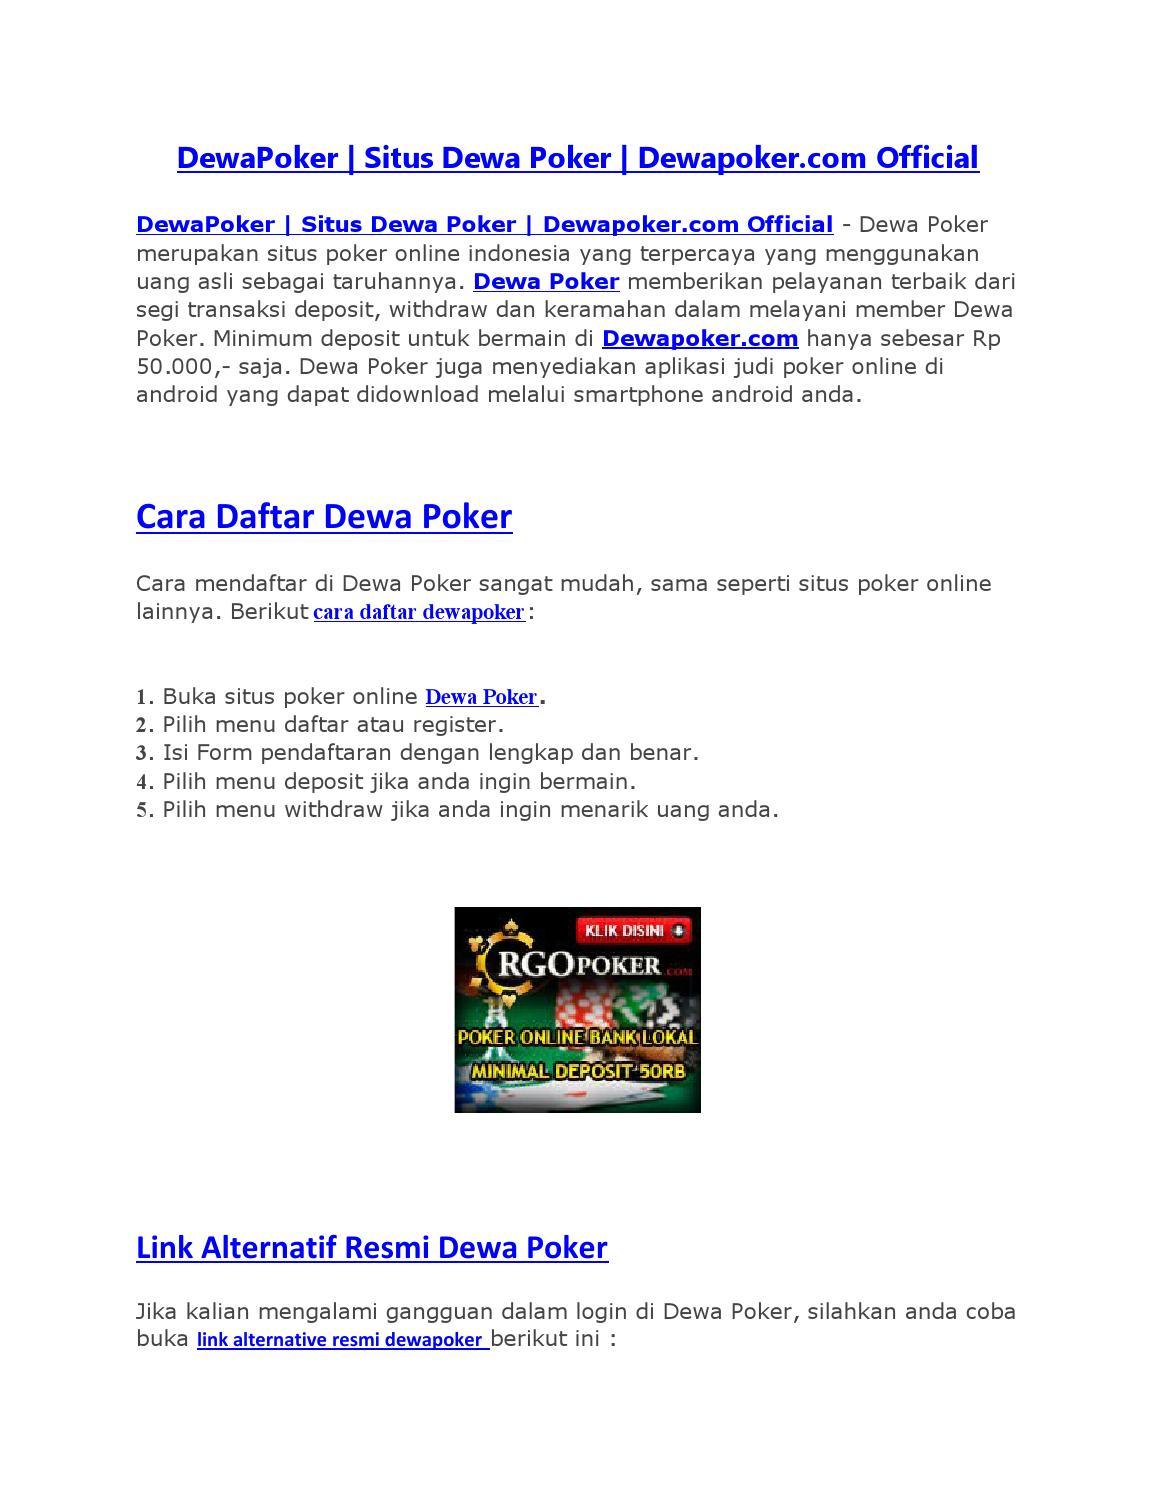 Dewapoker Situs Dewa Poker Dewapoker Officialdoc By Dewaseo Issuu